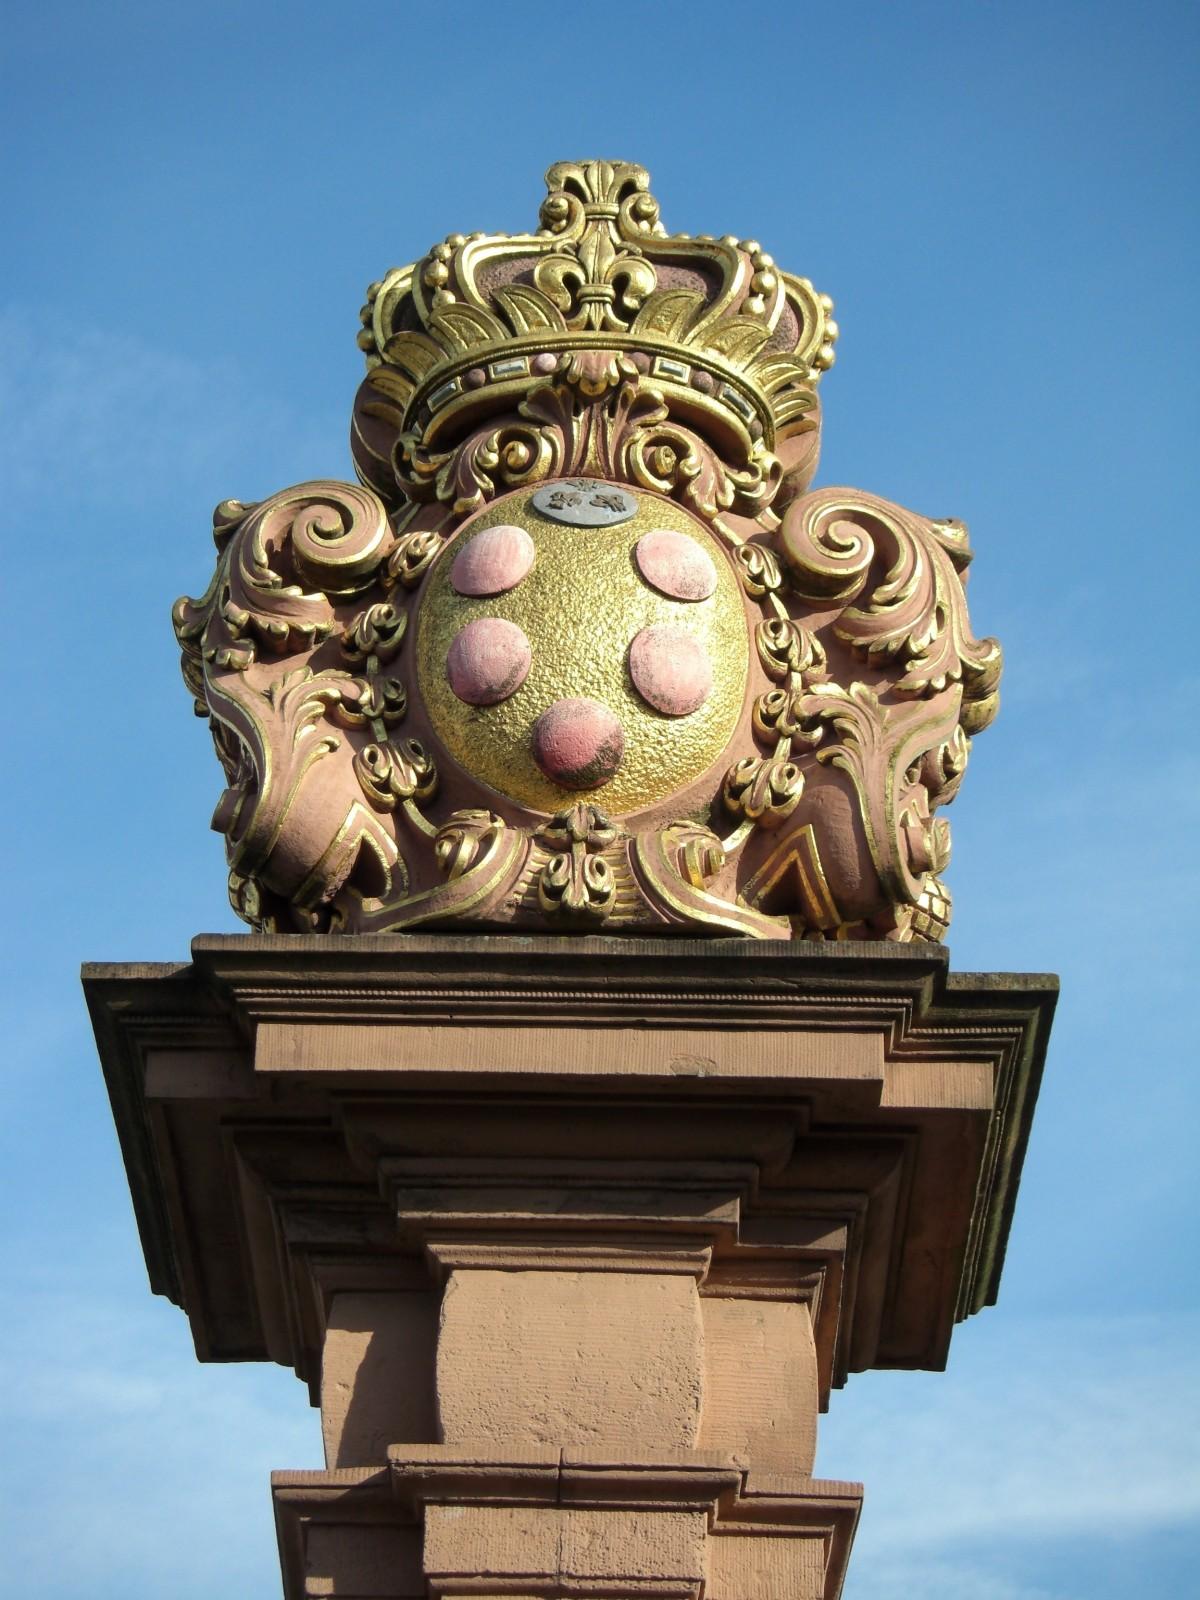 schwetzingen castle and mythology